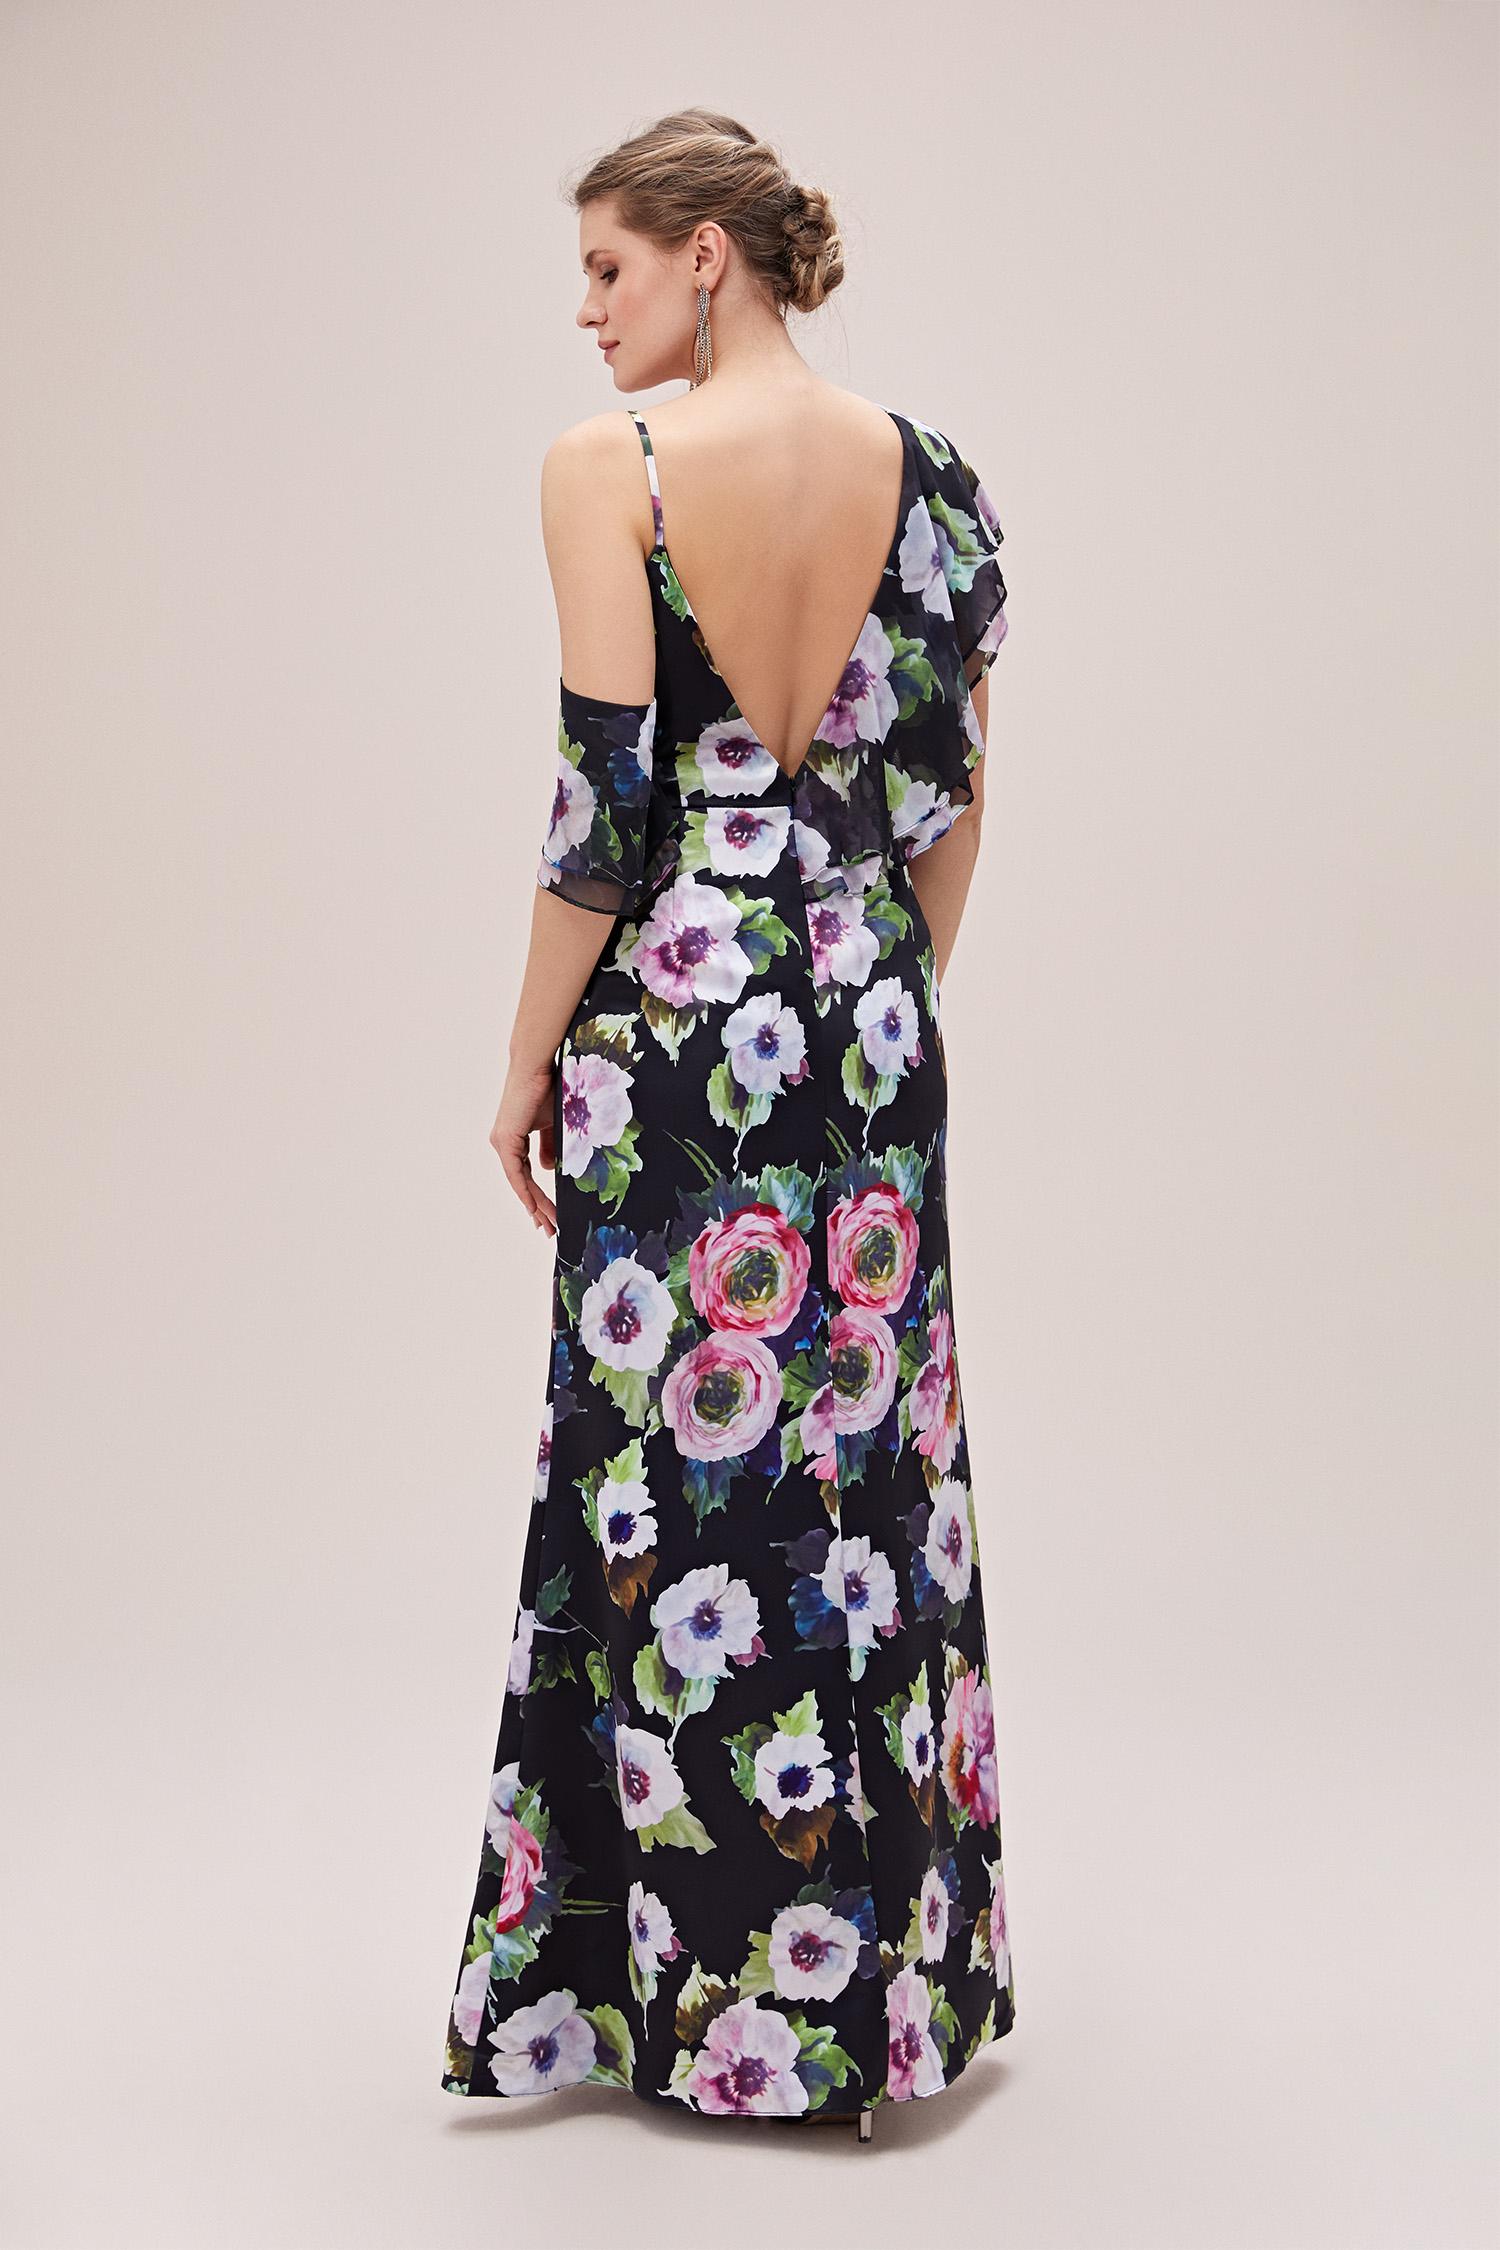 Siyah V Yaka Farbalalı Çiçekli Şifon Büyük Beden Elbise - Thumbnail